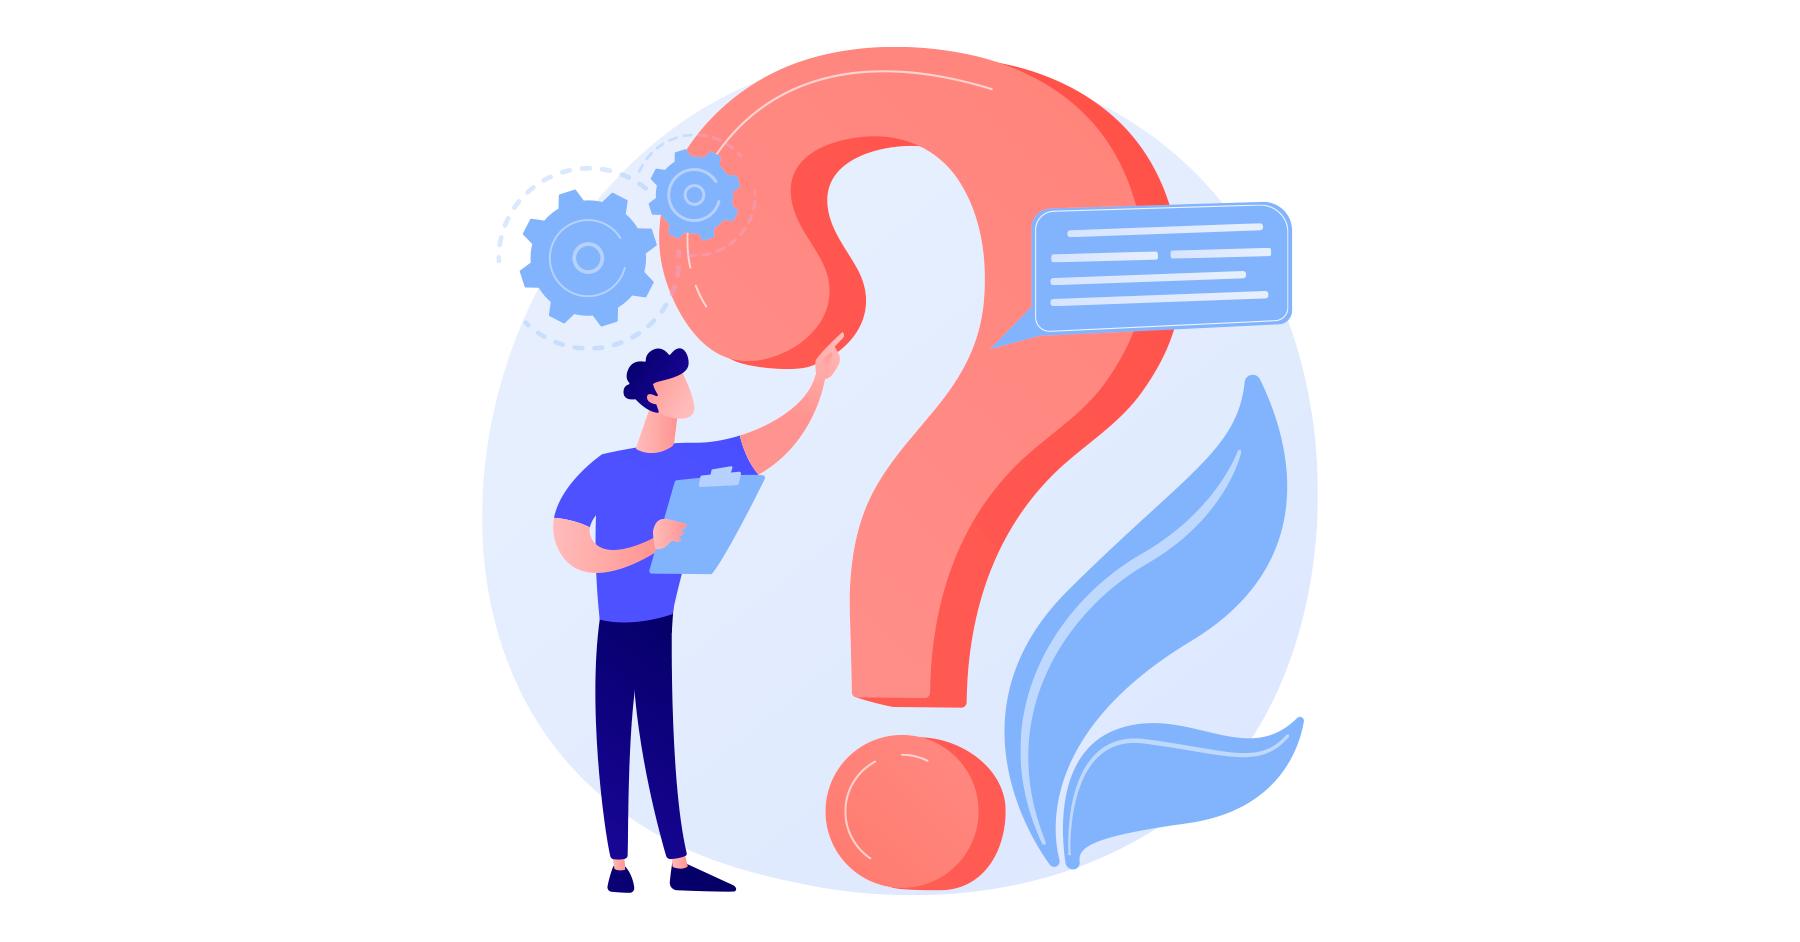 ¿Qué es Marketing 4.0 y cómo mejora las marcas?